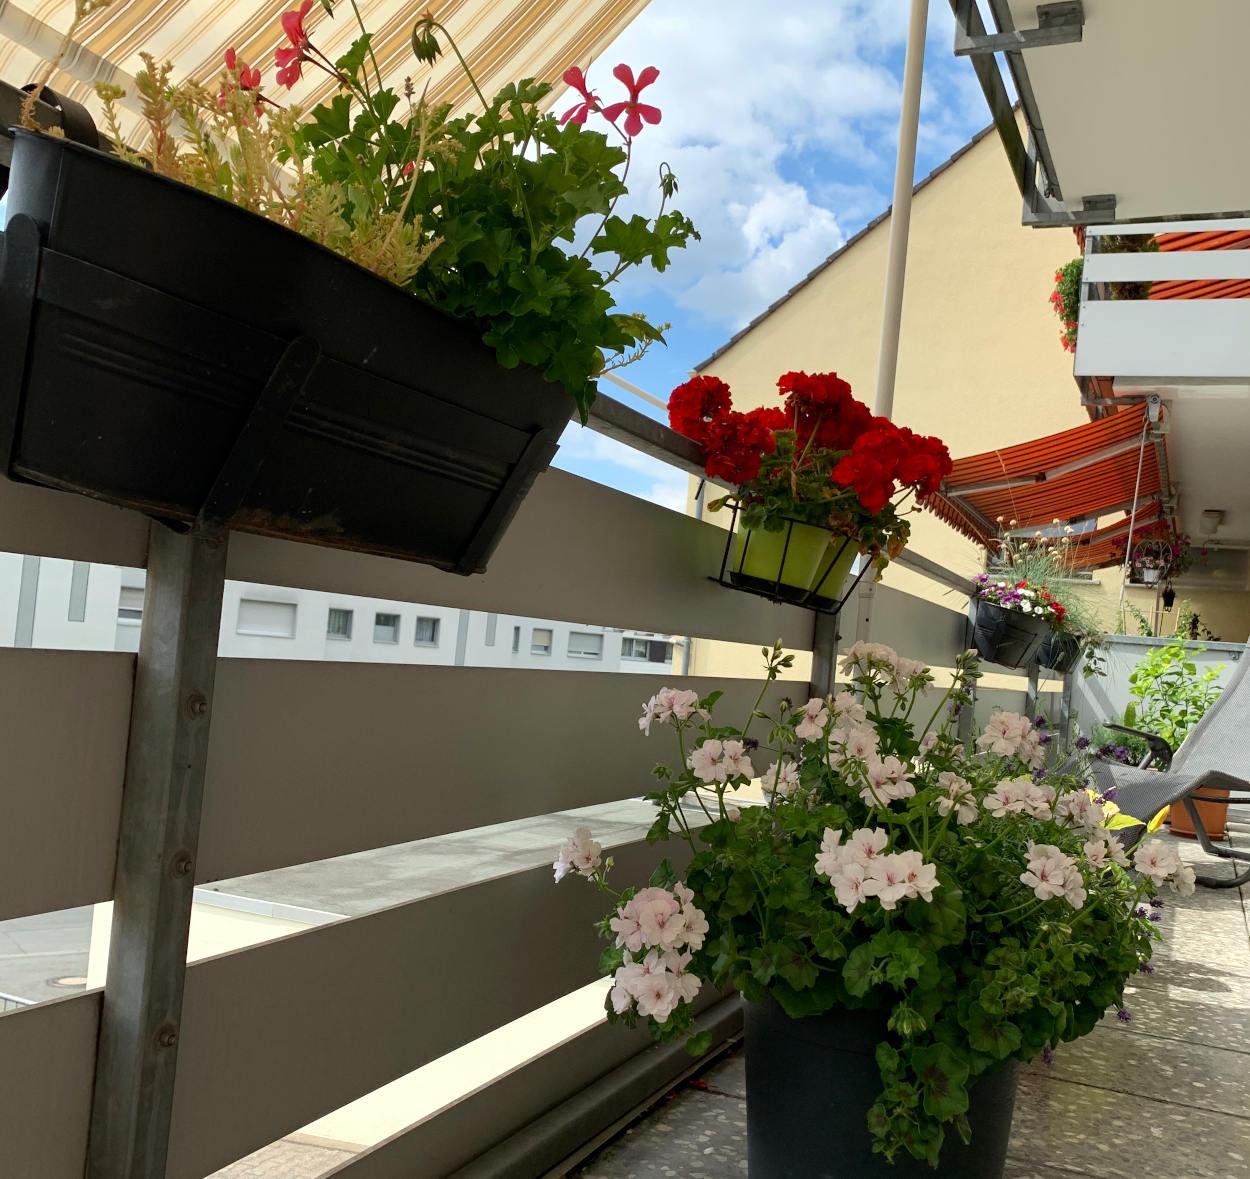 Balkon: Zahlreiche Blumen am Balkongeländer, auf dem Boden eine große Pelargonie